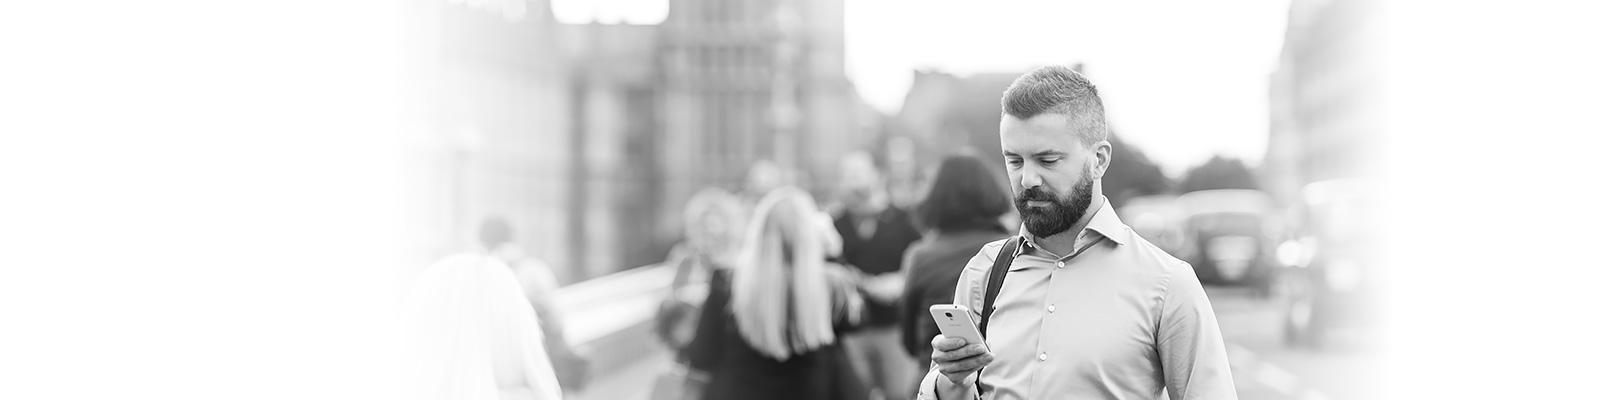 ロンドン ビジネスマン DX イメージ